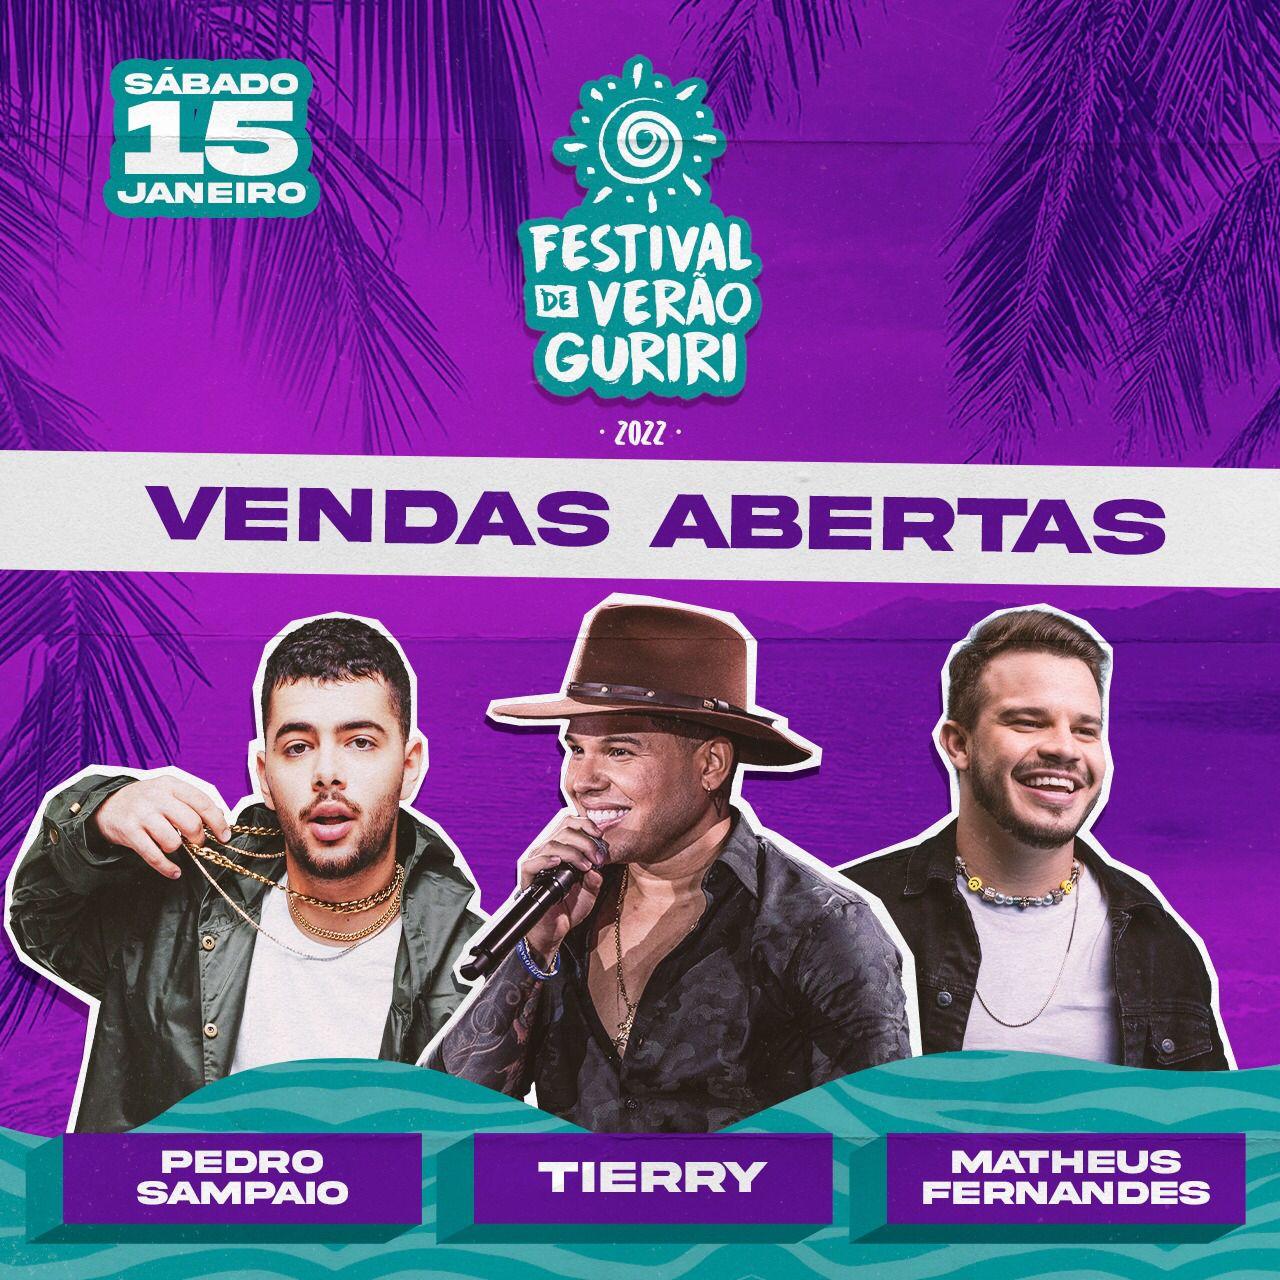 Tierry, Pedro Sampaio e Matheus Fernandes no Festival de Verão Guriri 2022 em Janeiro